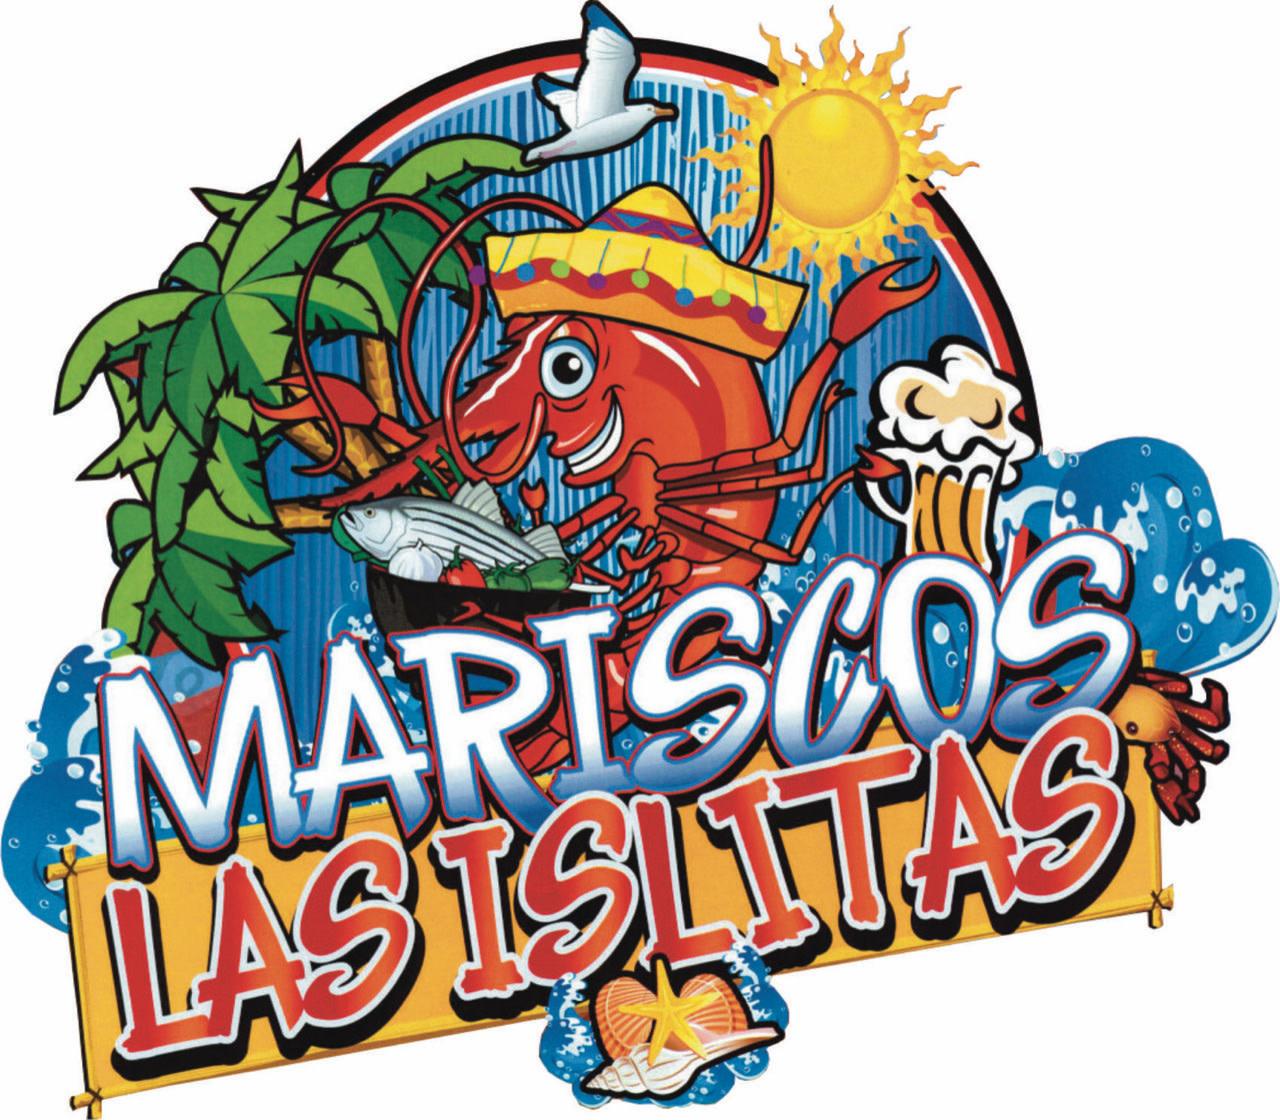 Mariscos Las Islitas logo 2021